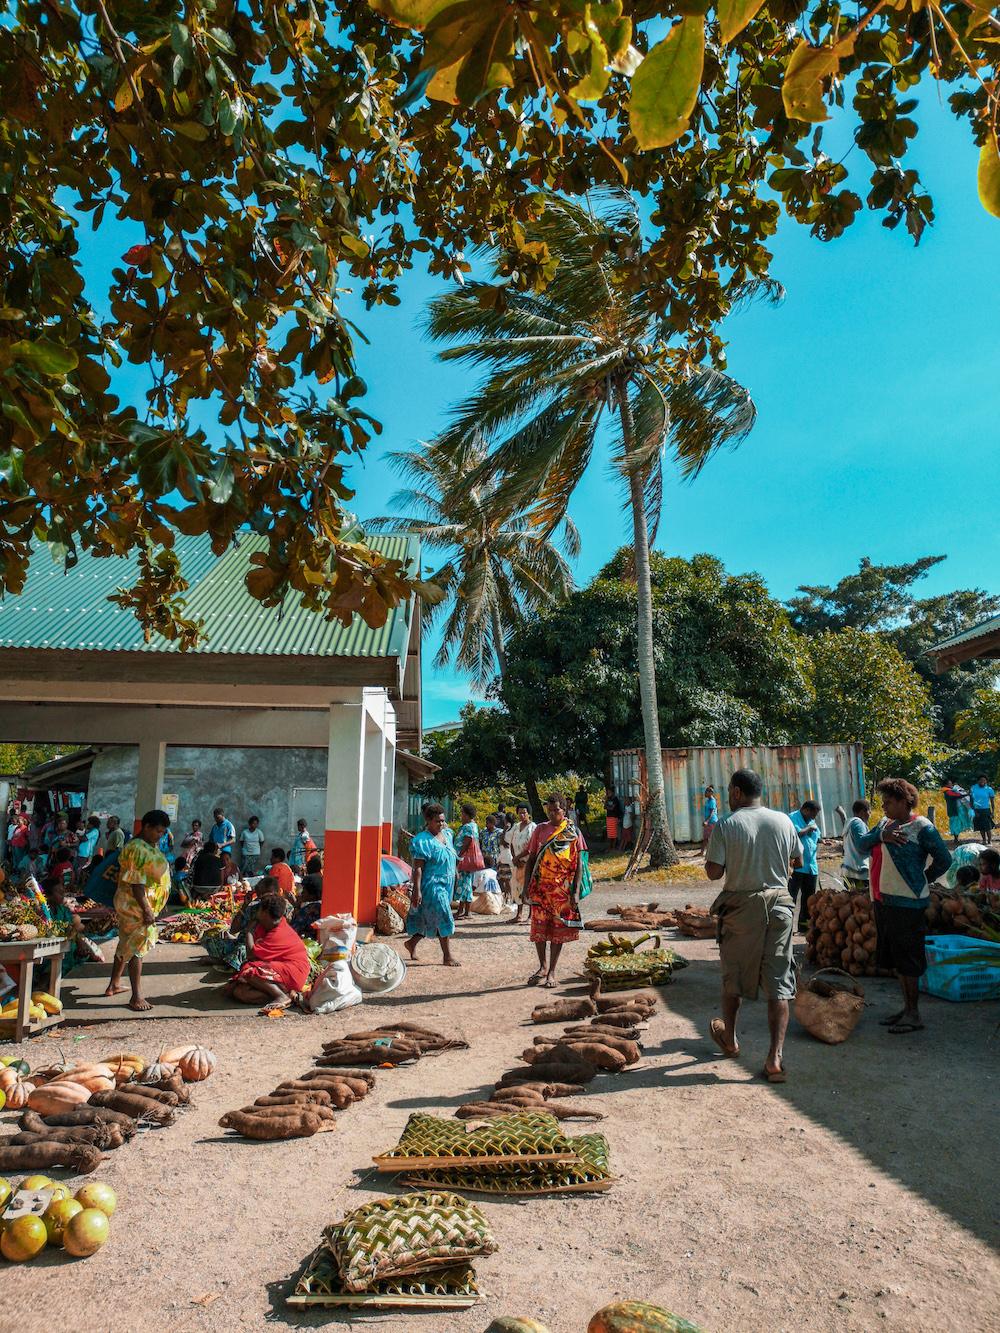 Le joli et fleuri marché de Tanna au Vanuatu